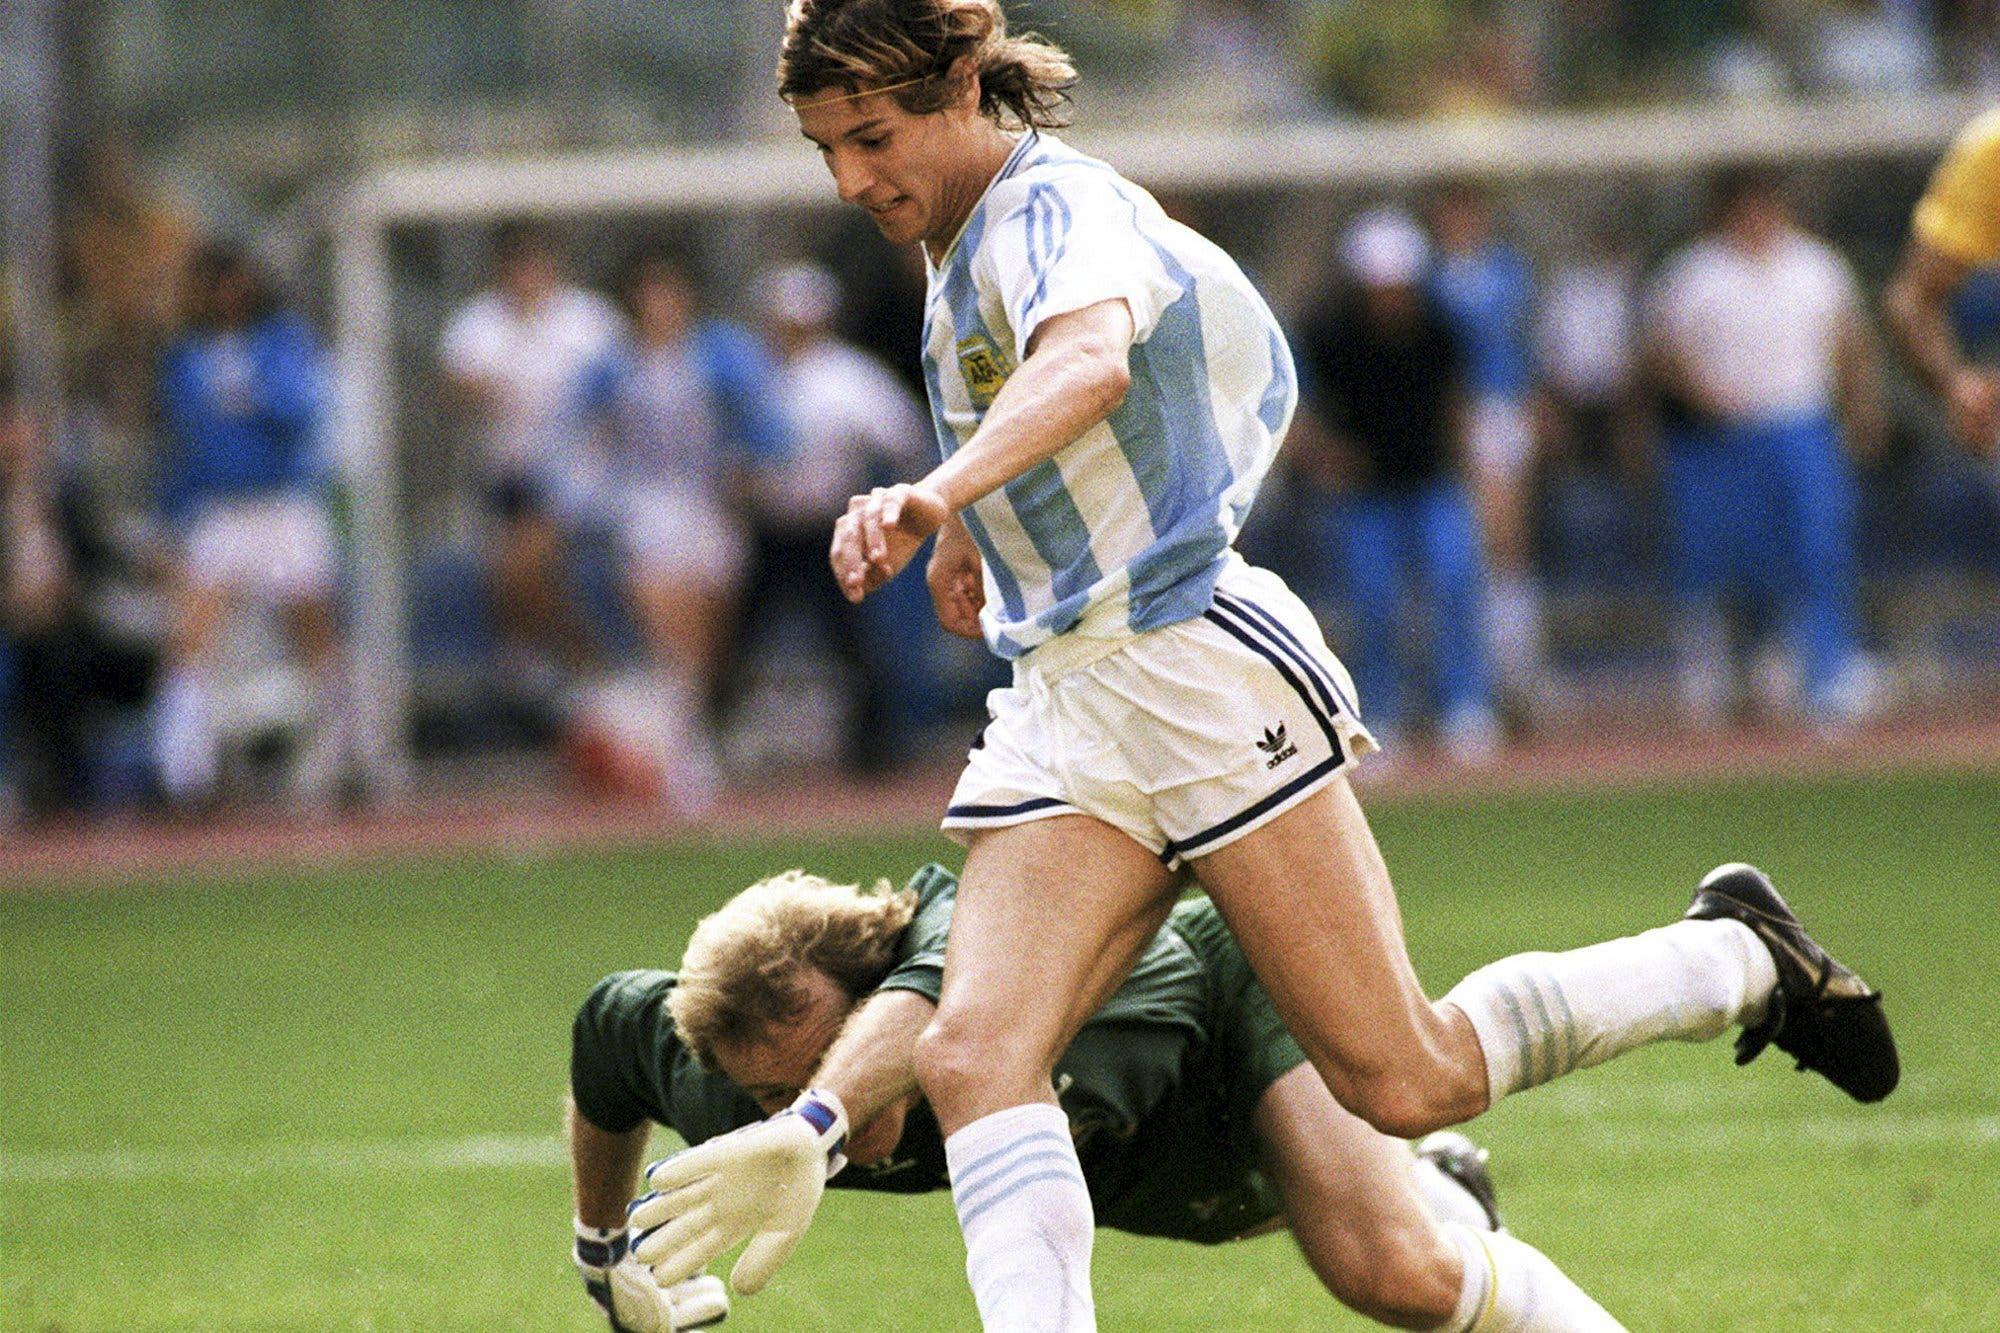 """Caniggia habló de Maradona, de Messi y de Italia '90: """"No querían que ganáramos el Mundial"""""""